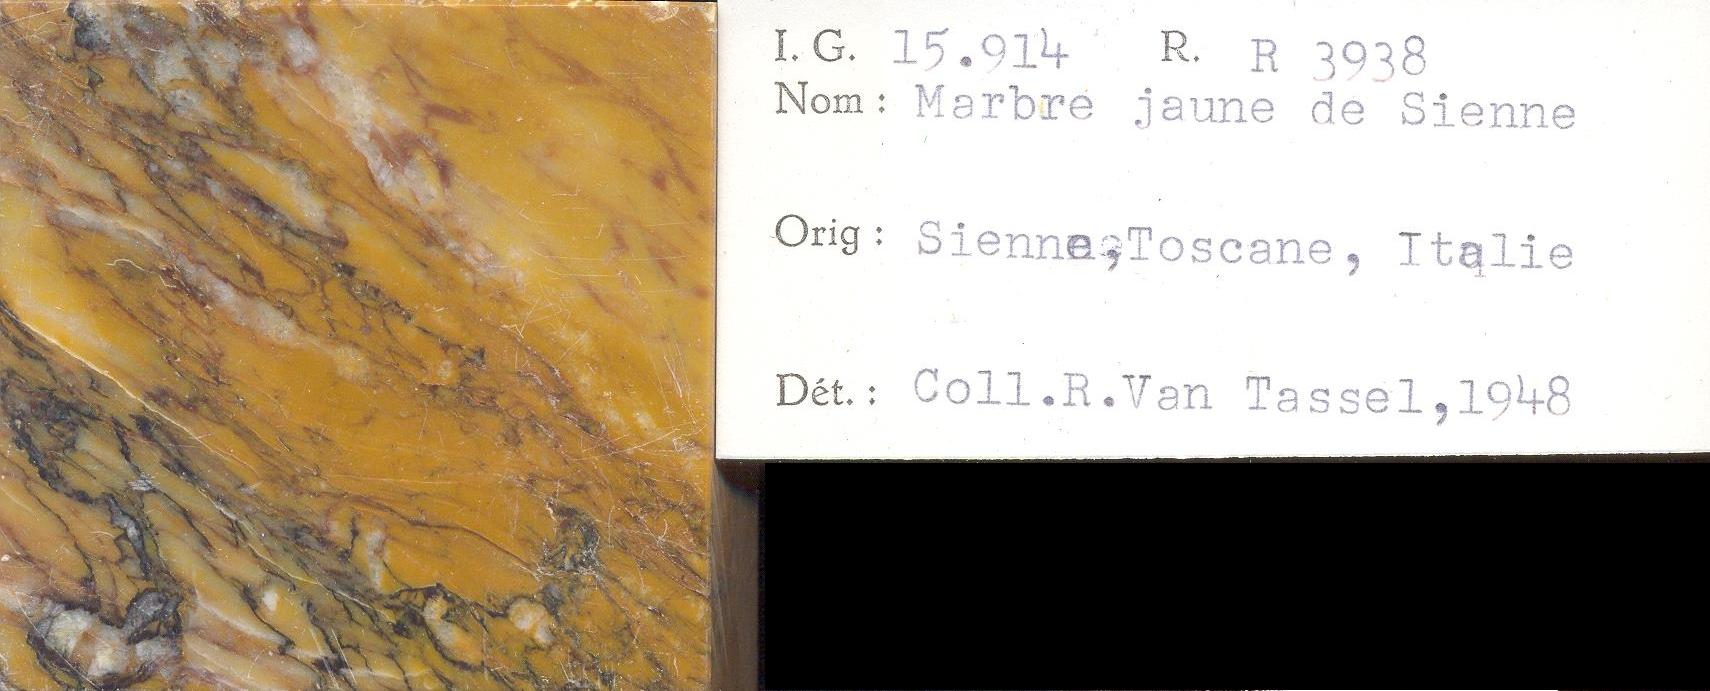 Jaune de Sienne RR3938